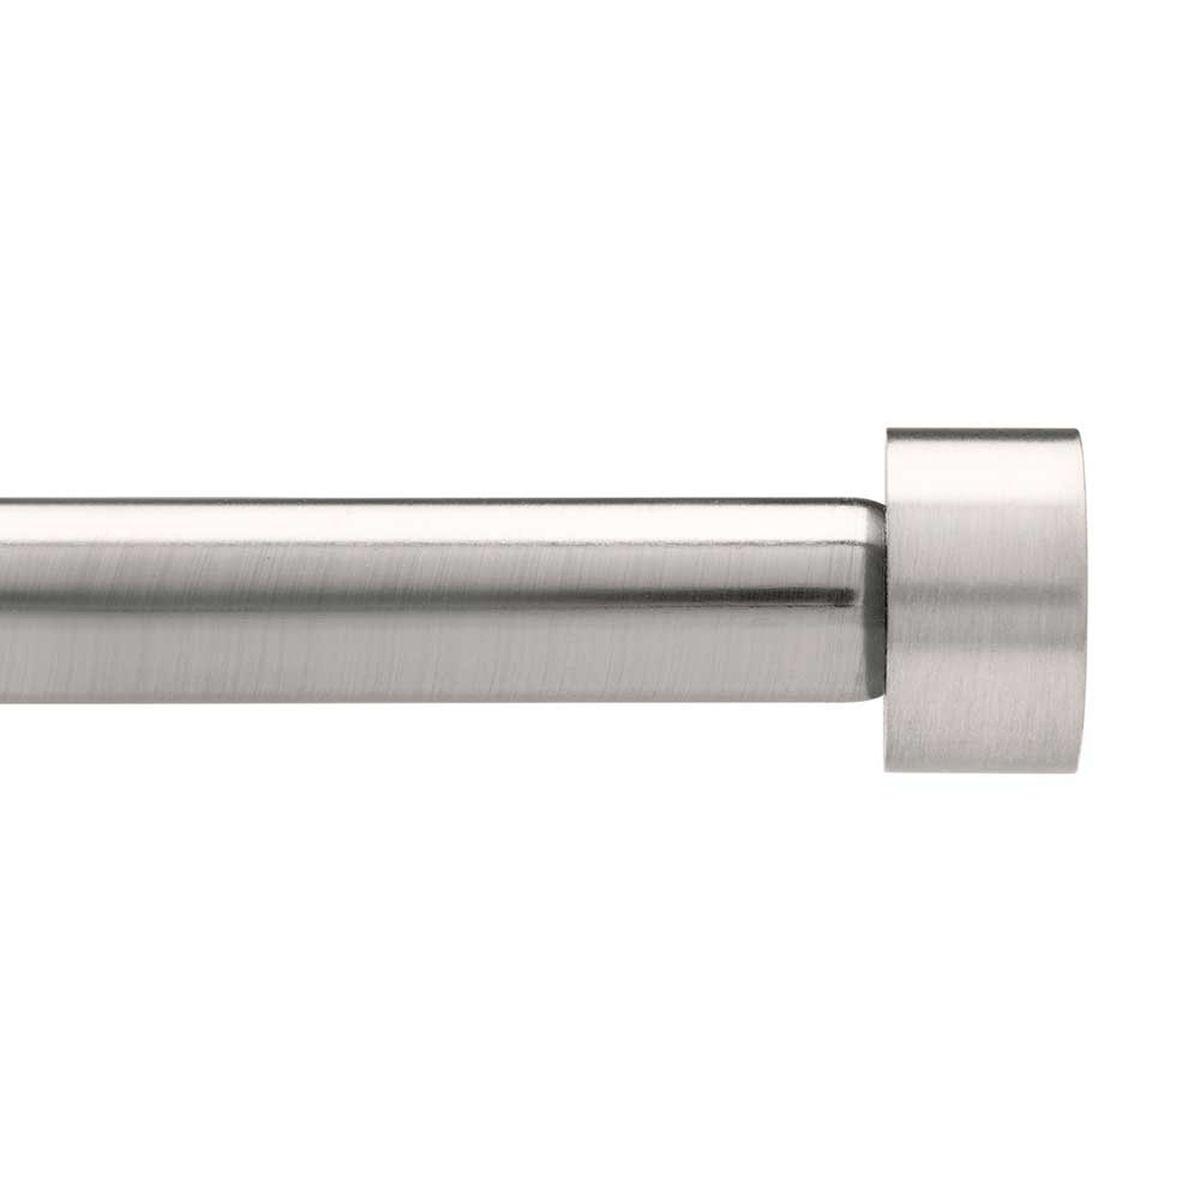 Карниз Umbra Cappa (183-366 см) никель. 244997-411244997-411Универсальный карниз для любого интерьера Cappa имеет телескопическую конструкцию, которая позволяет регулировать его длину, и металлические украшения в виде насадок по краям. Диаметр 1,9 см. Крепления идут в комплекте.